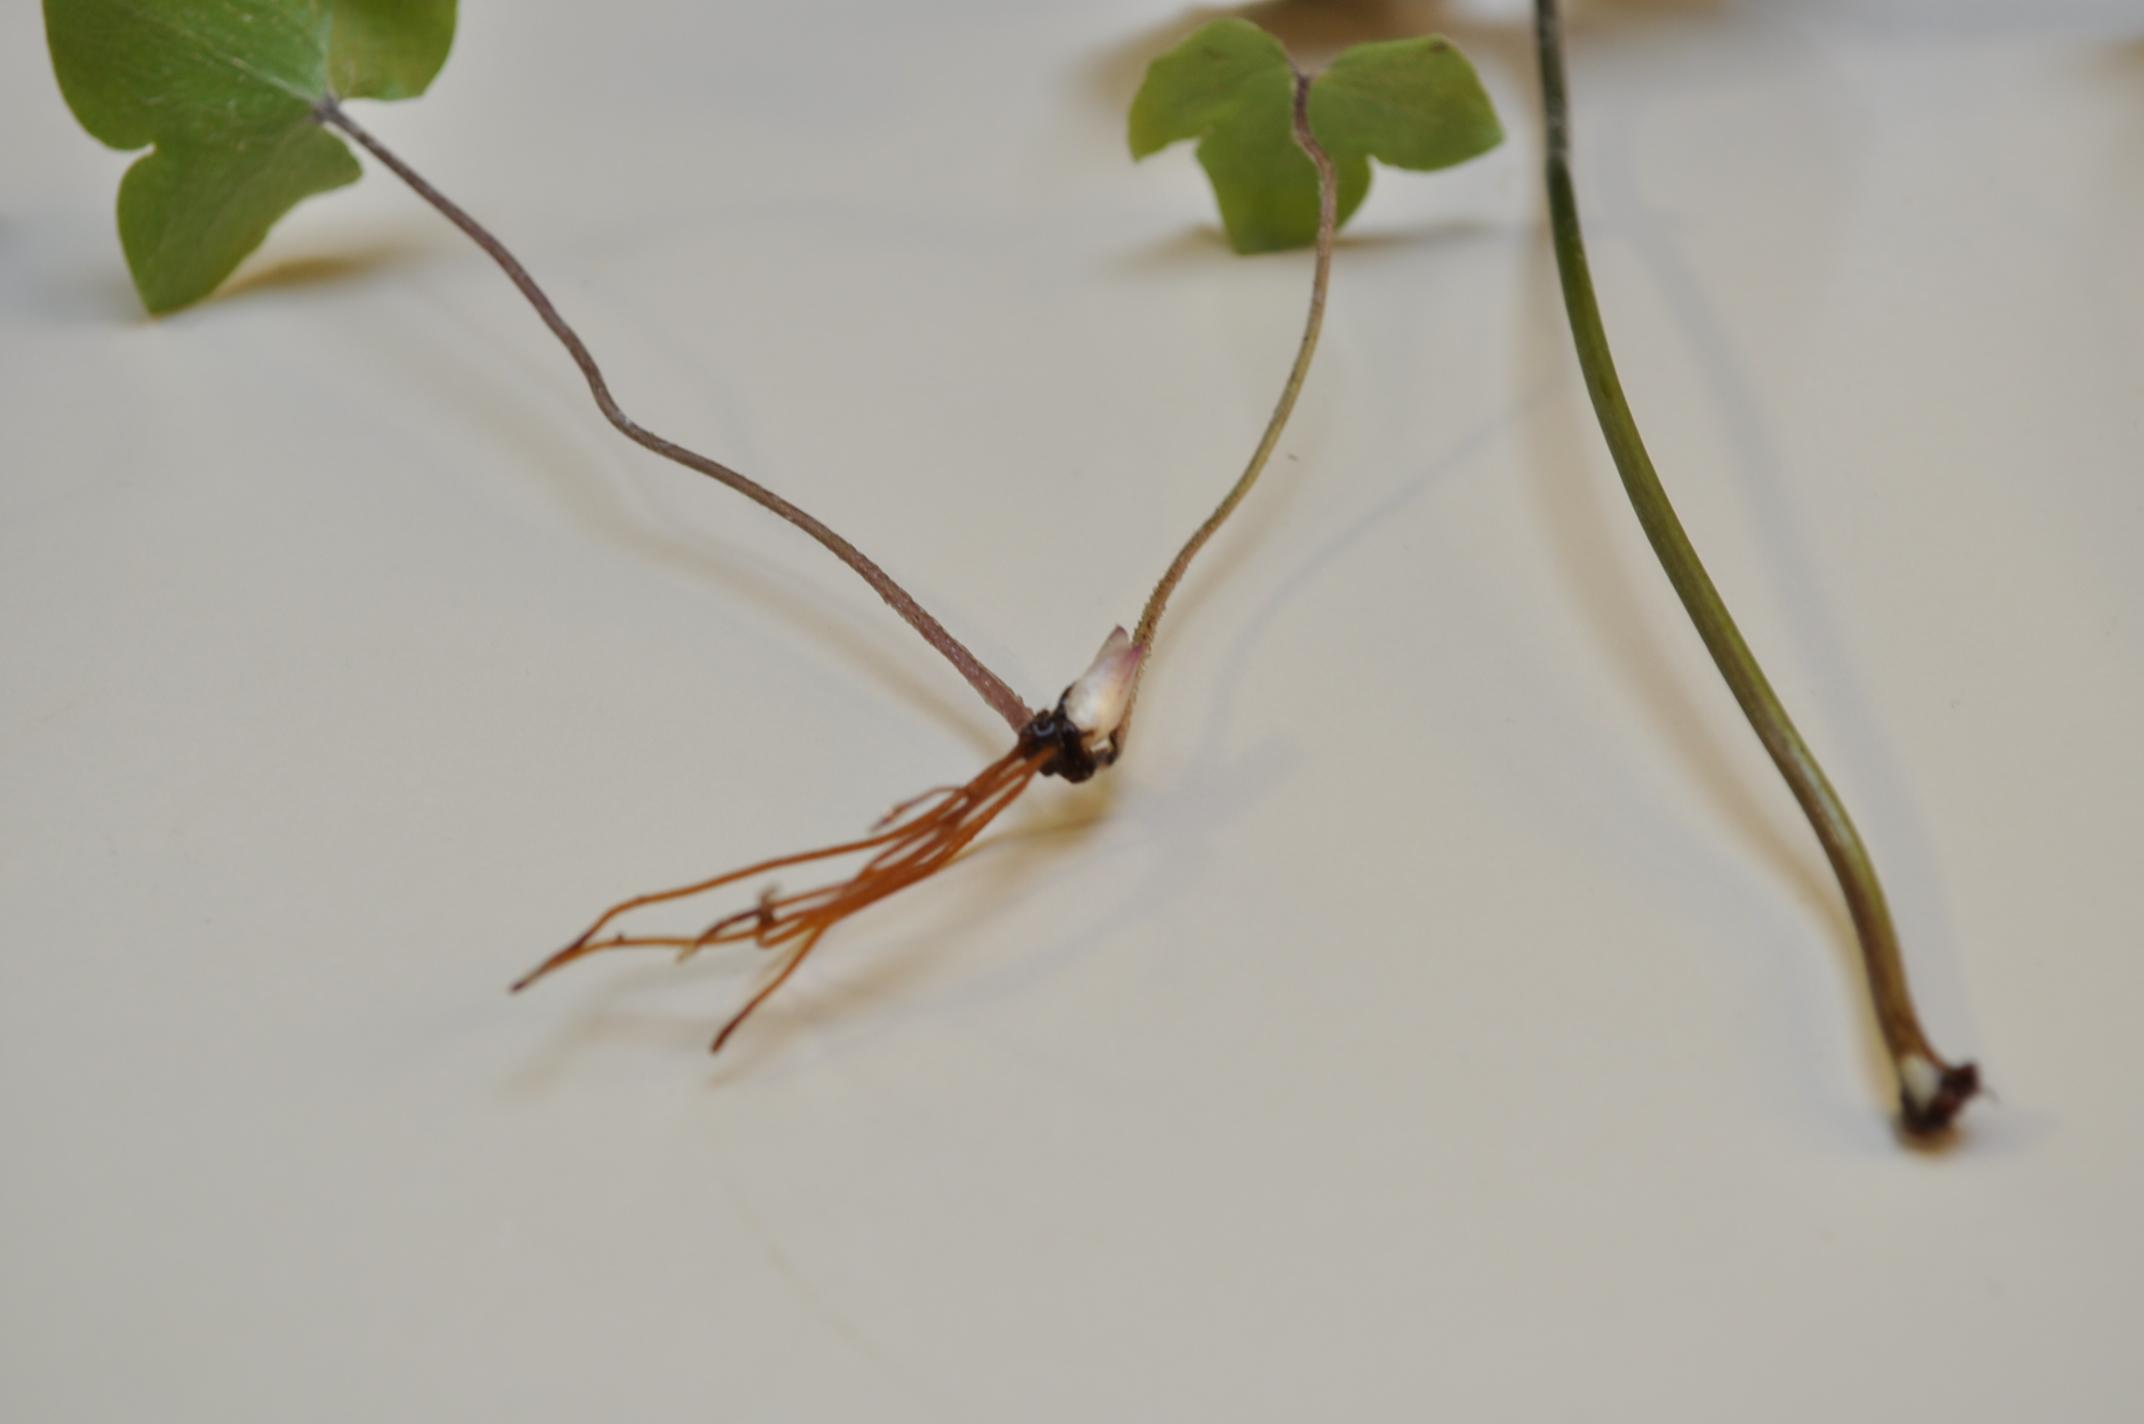 Hepatica leaf cutting